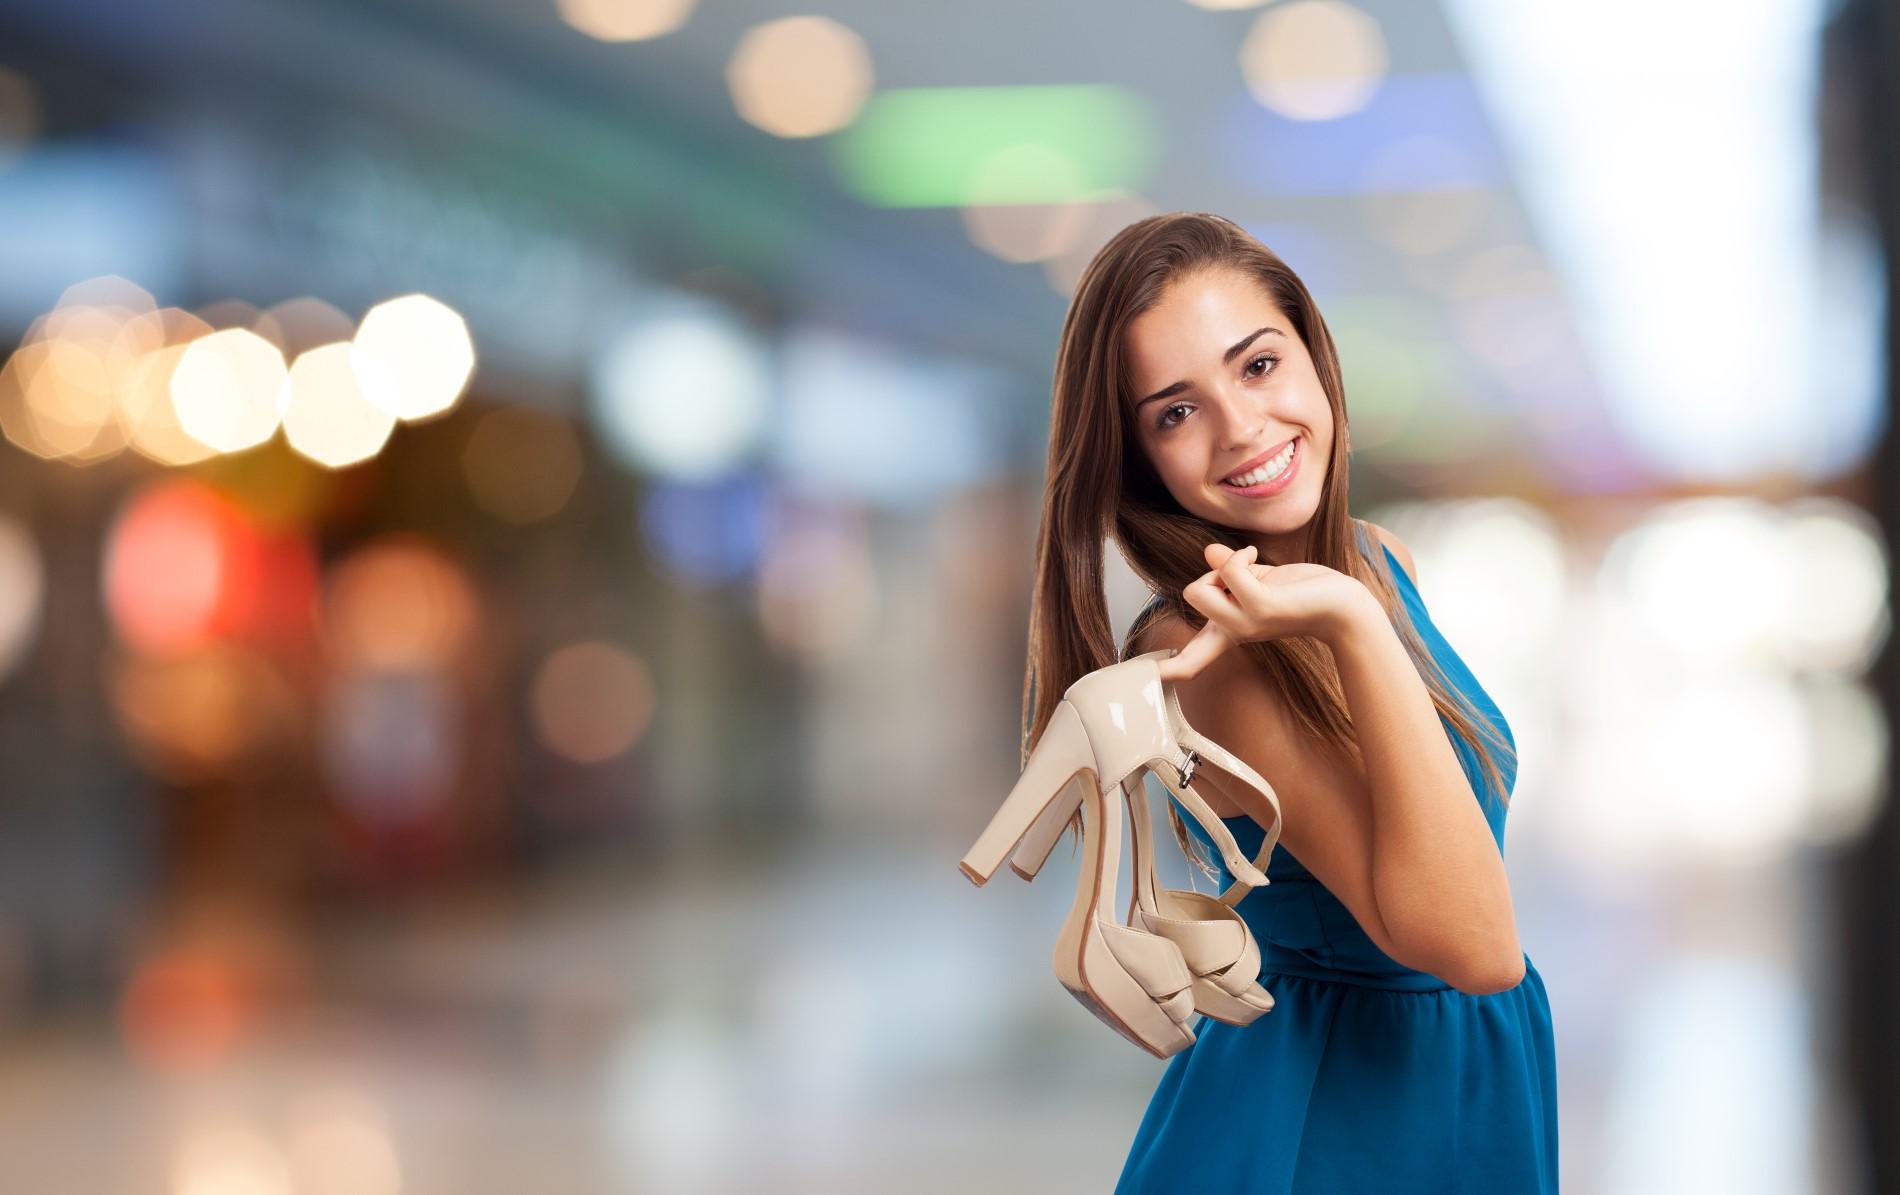 Compra compulsiva en mujeres. Grupo Psyco